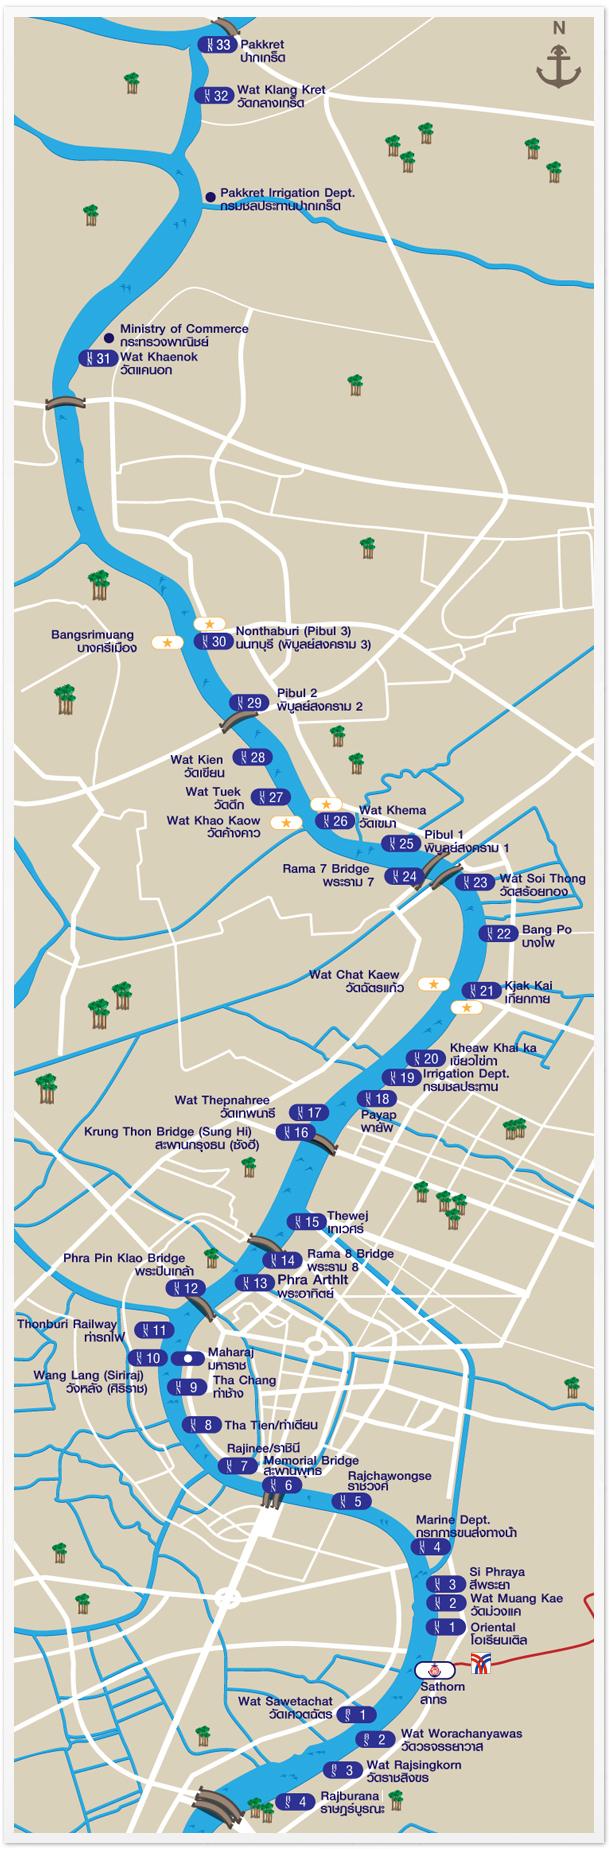 Rozkład przystanków na rzece Chao Praya w Bangkoku.